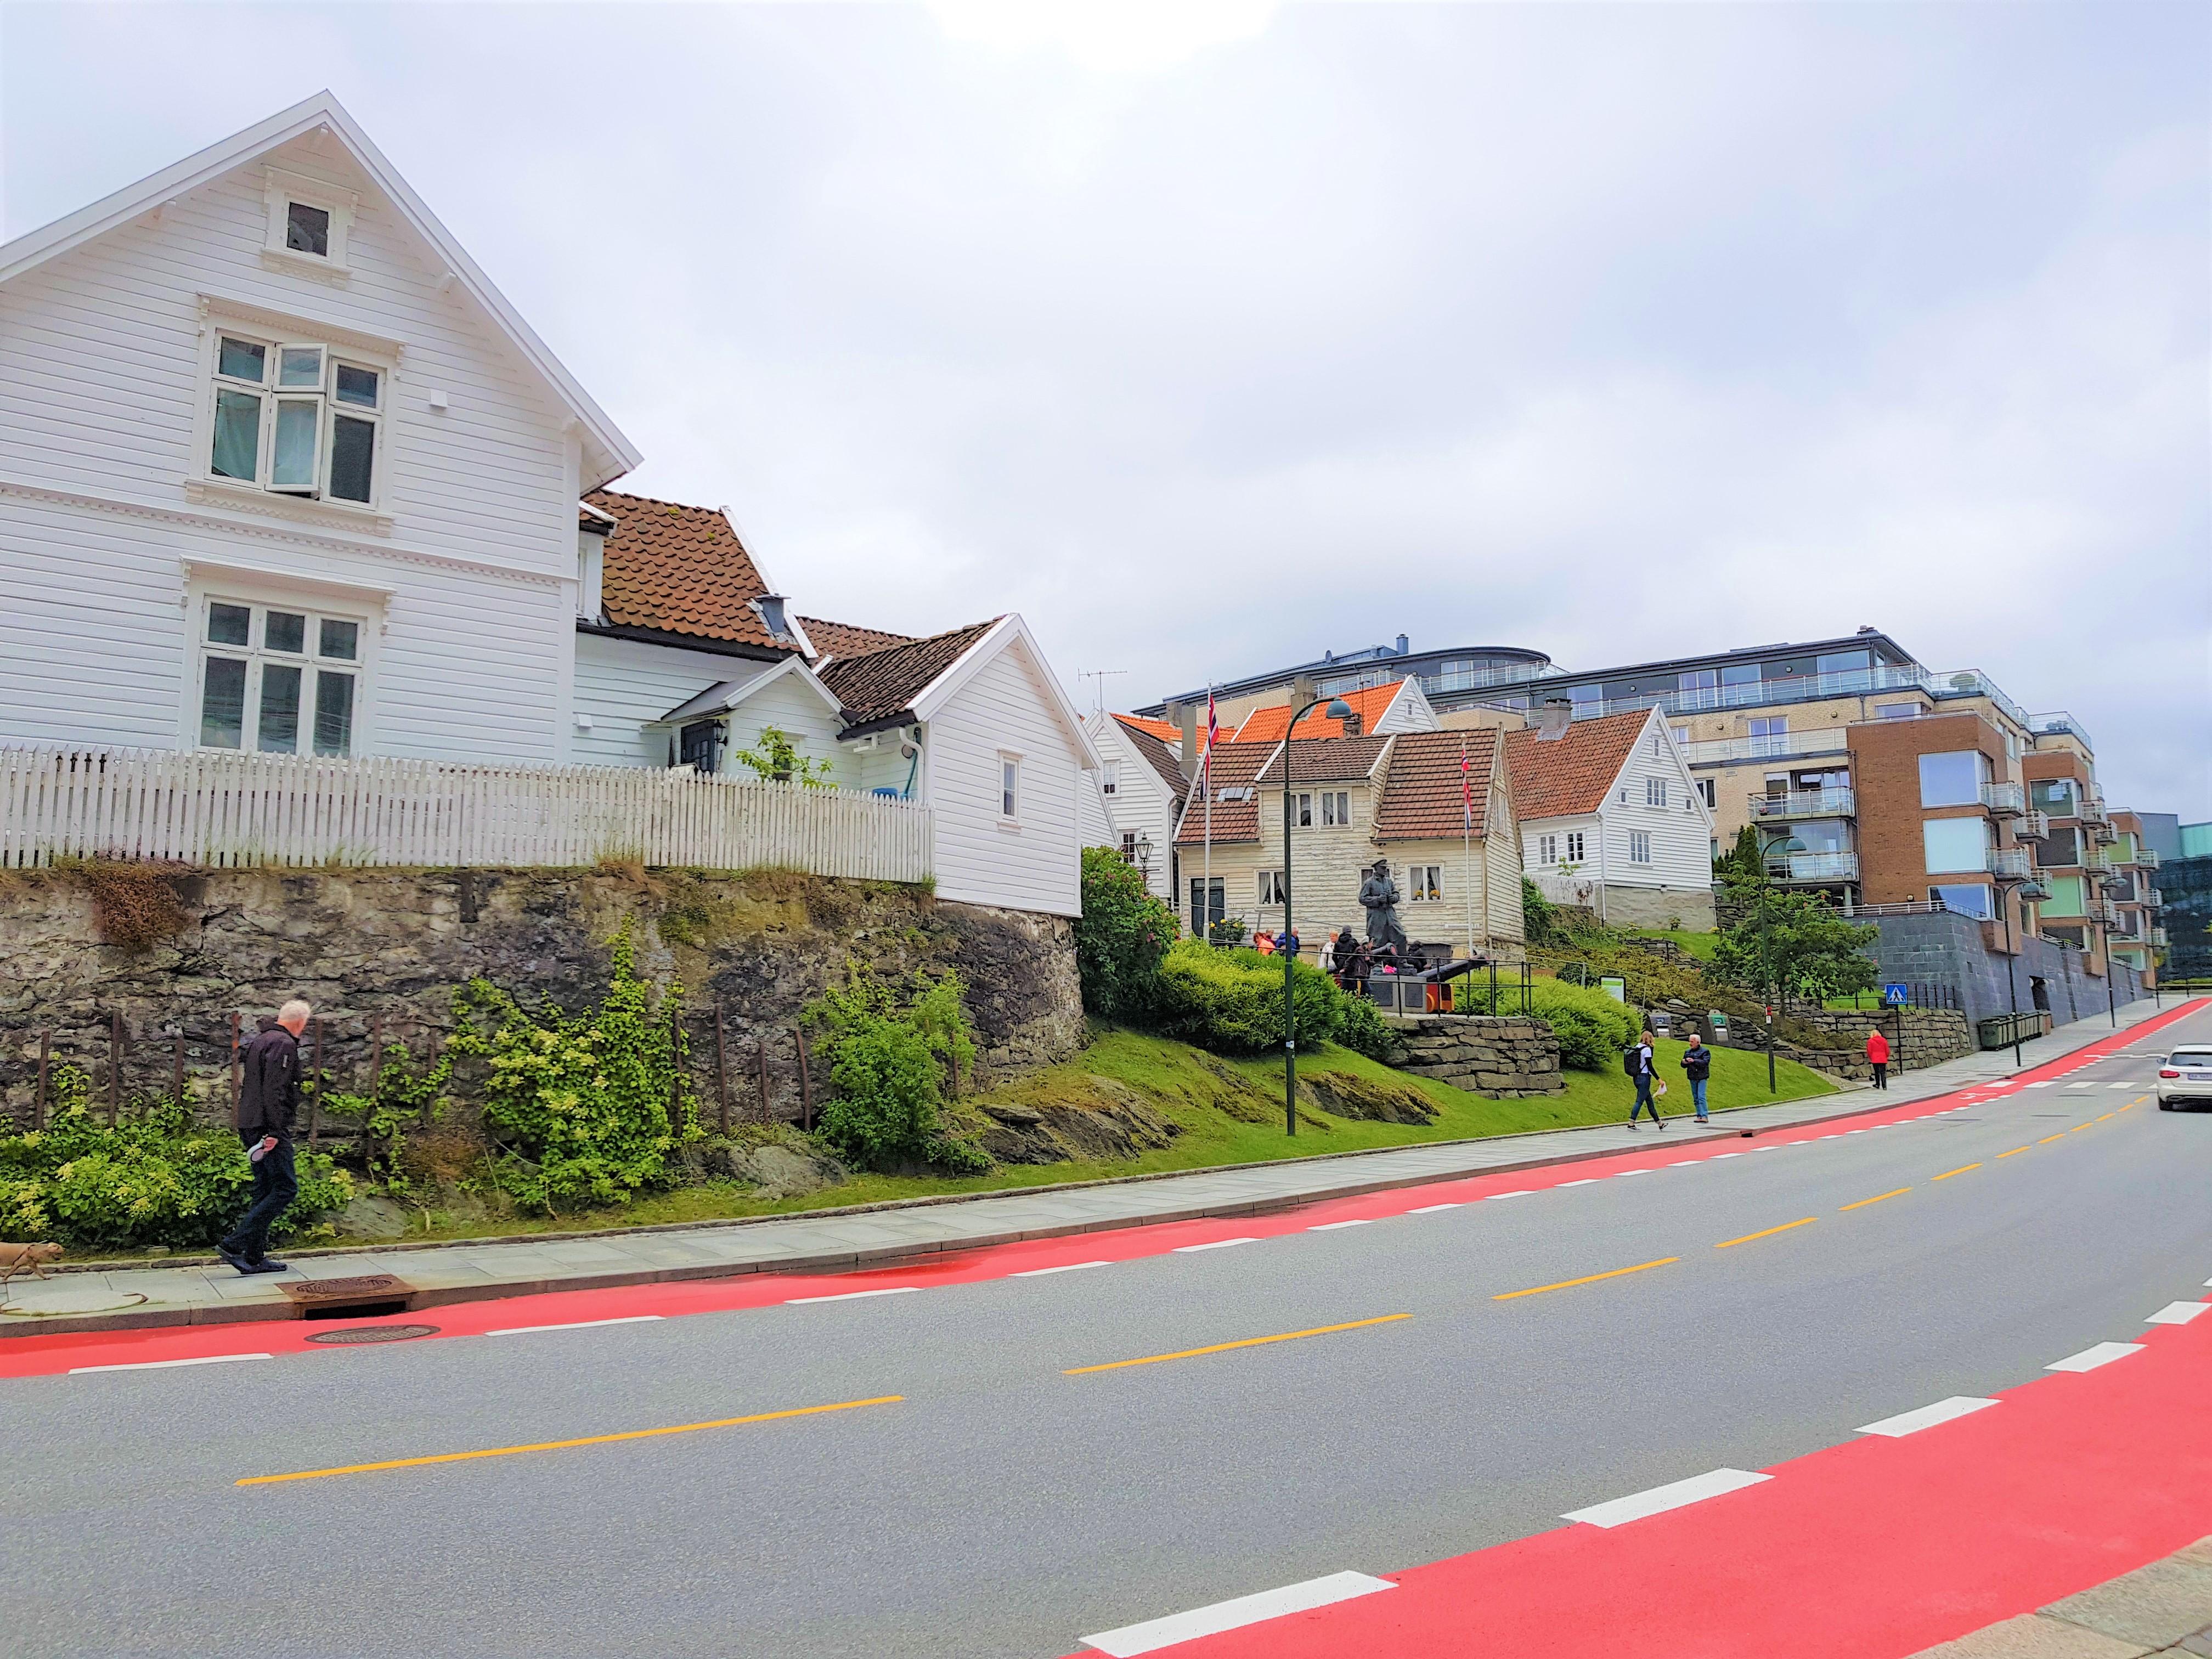 Kreuzfahrt nach Stavanger: Hafen, Ausflüge & Sehenswürdigkeiten